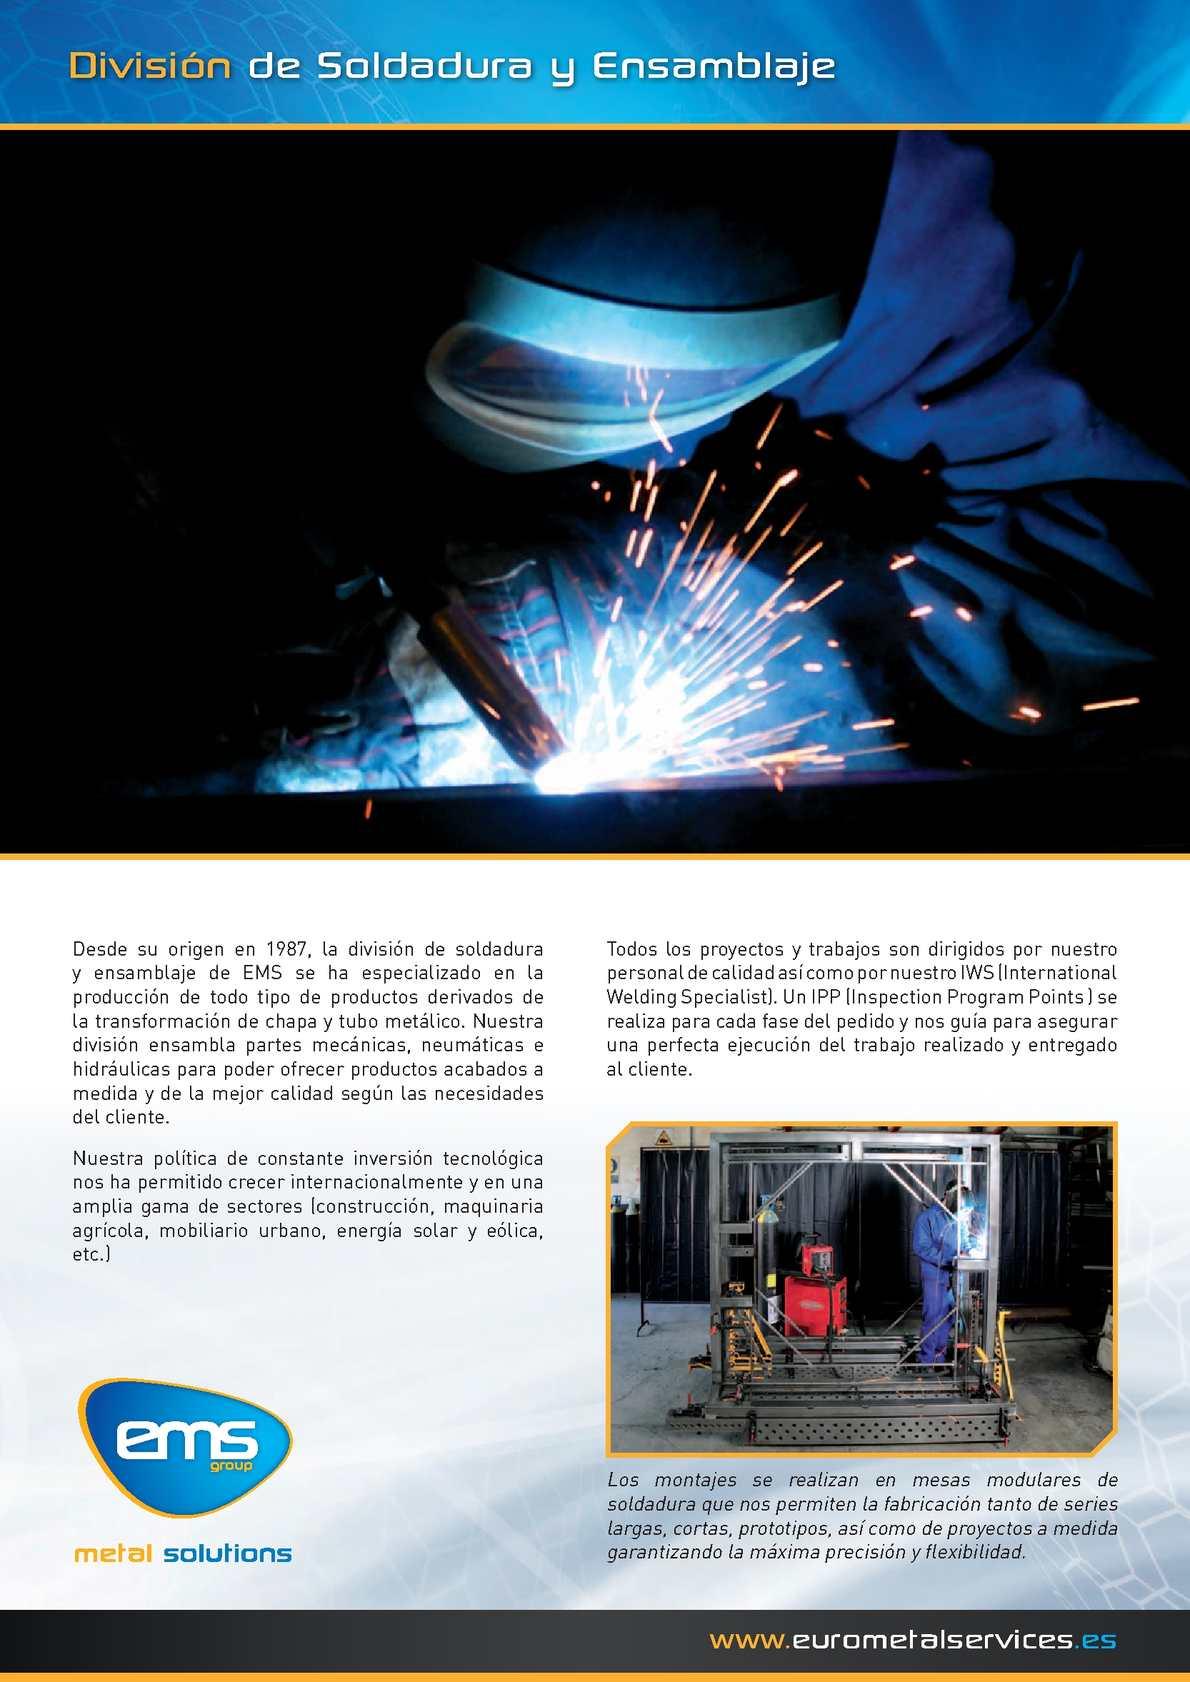 Division de Soldadura y Ensamblaje - EMS Group ( Español )